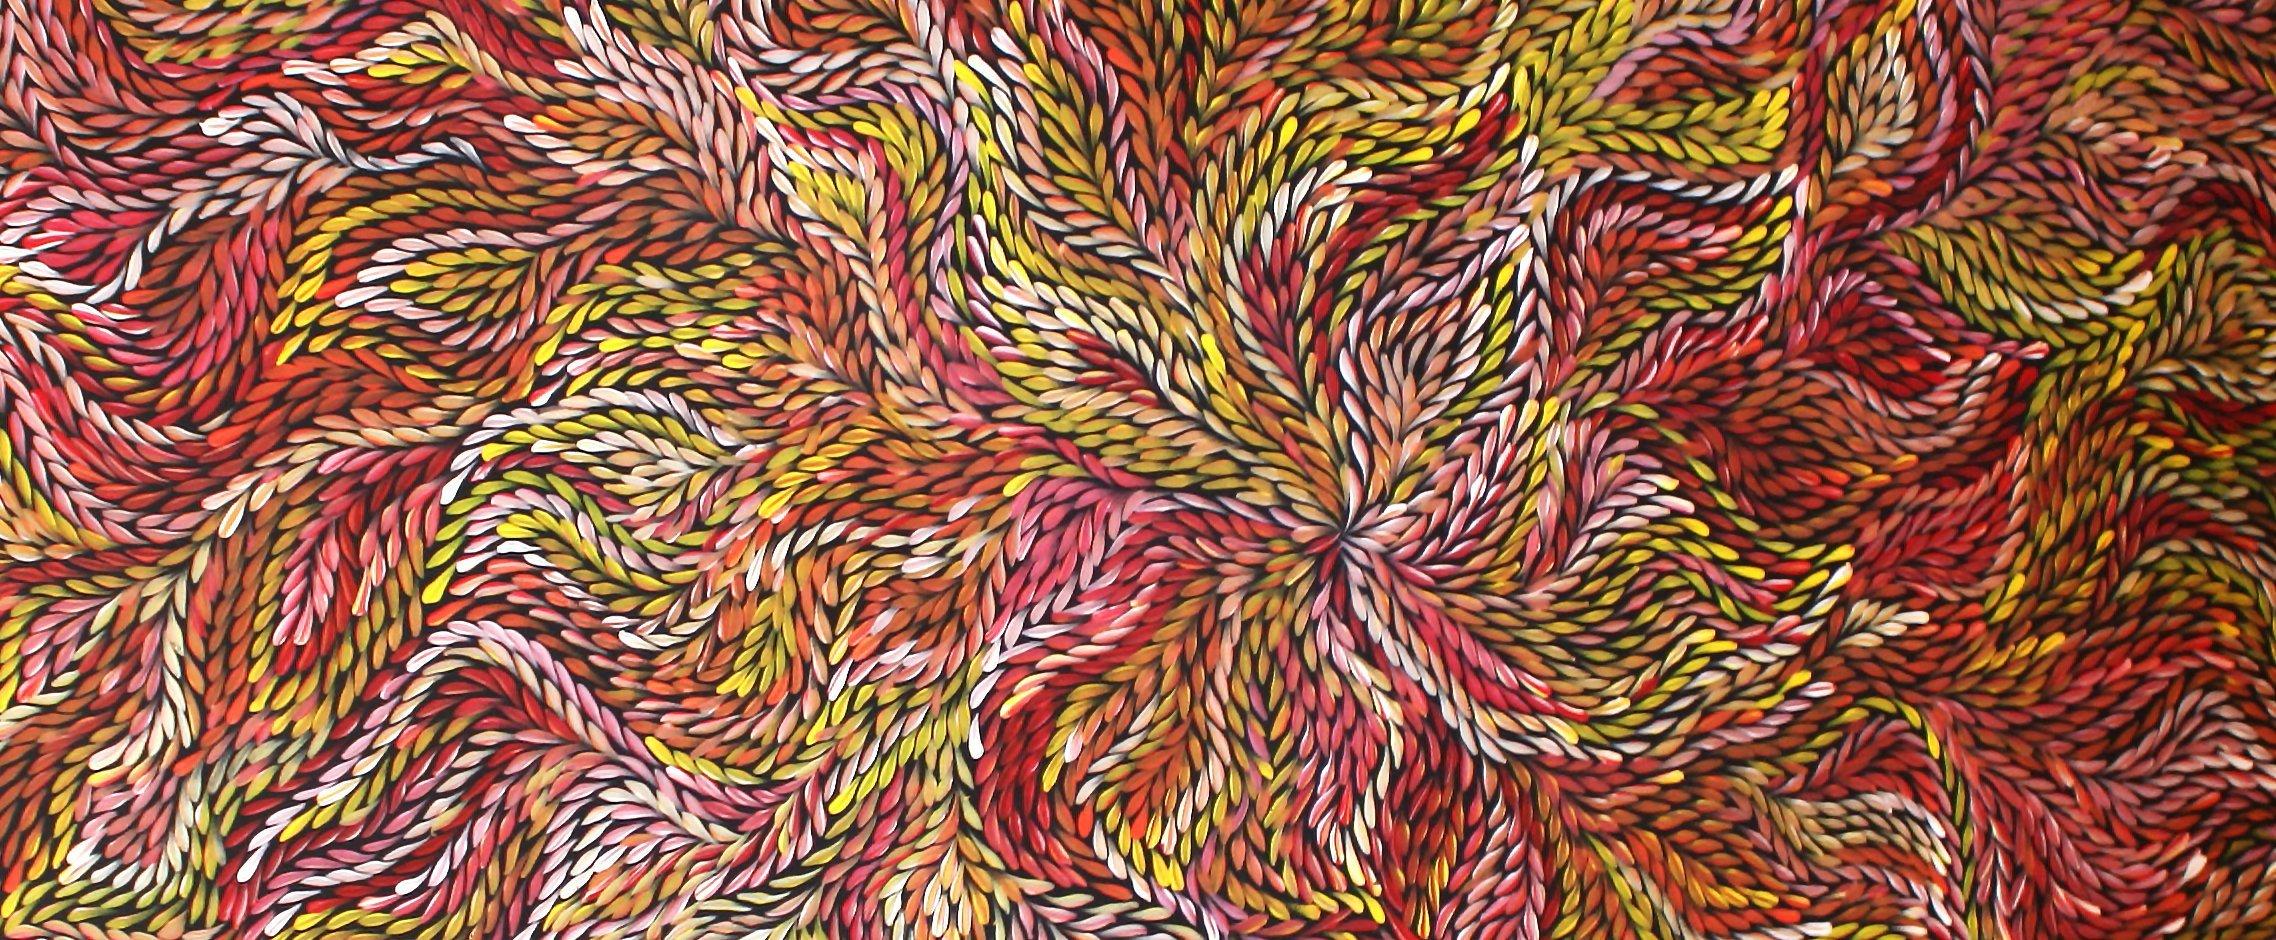 Beautiful art work by Jeannie Petyarre